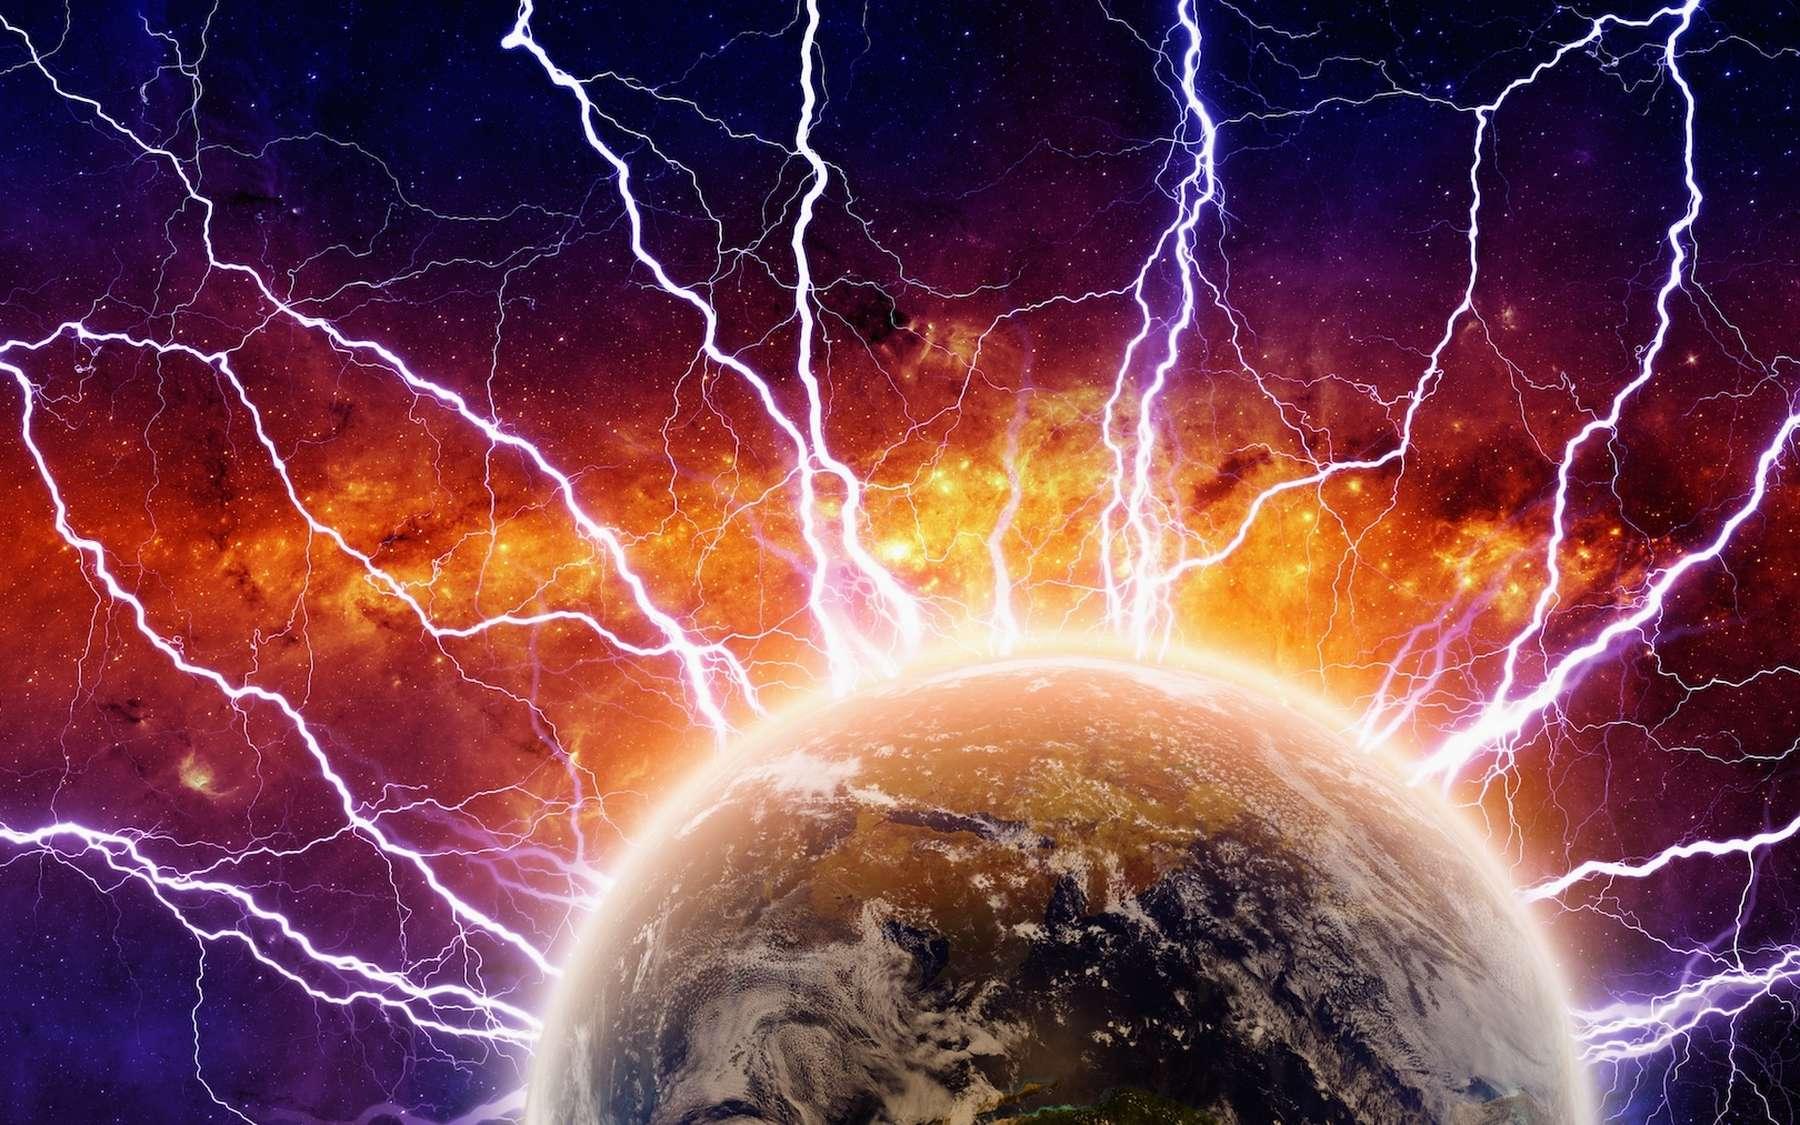 La Terre était bombardée par les éclairs il y a 3,5 milliards d'années. © IgorZh, Adobe Stock